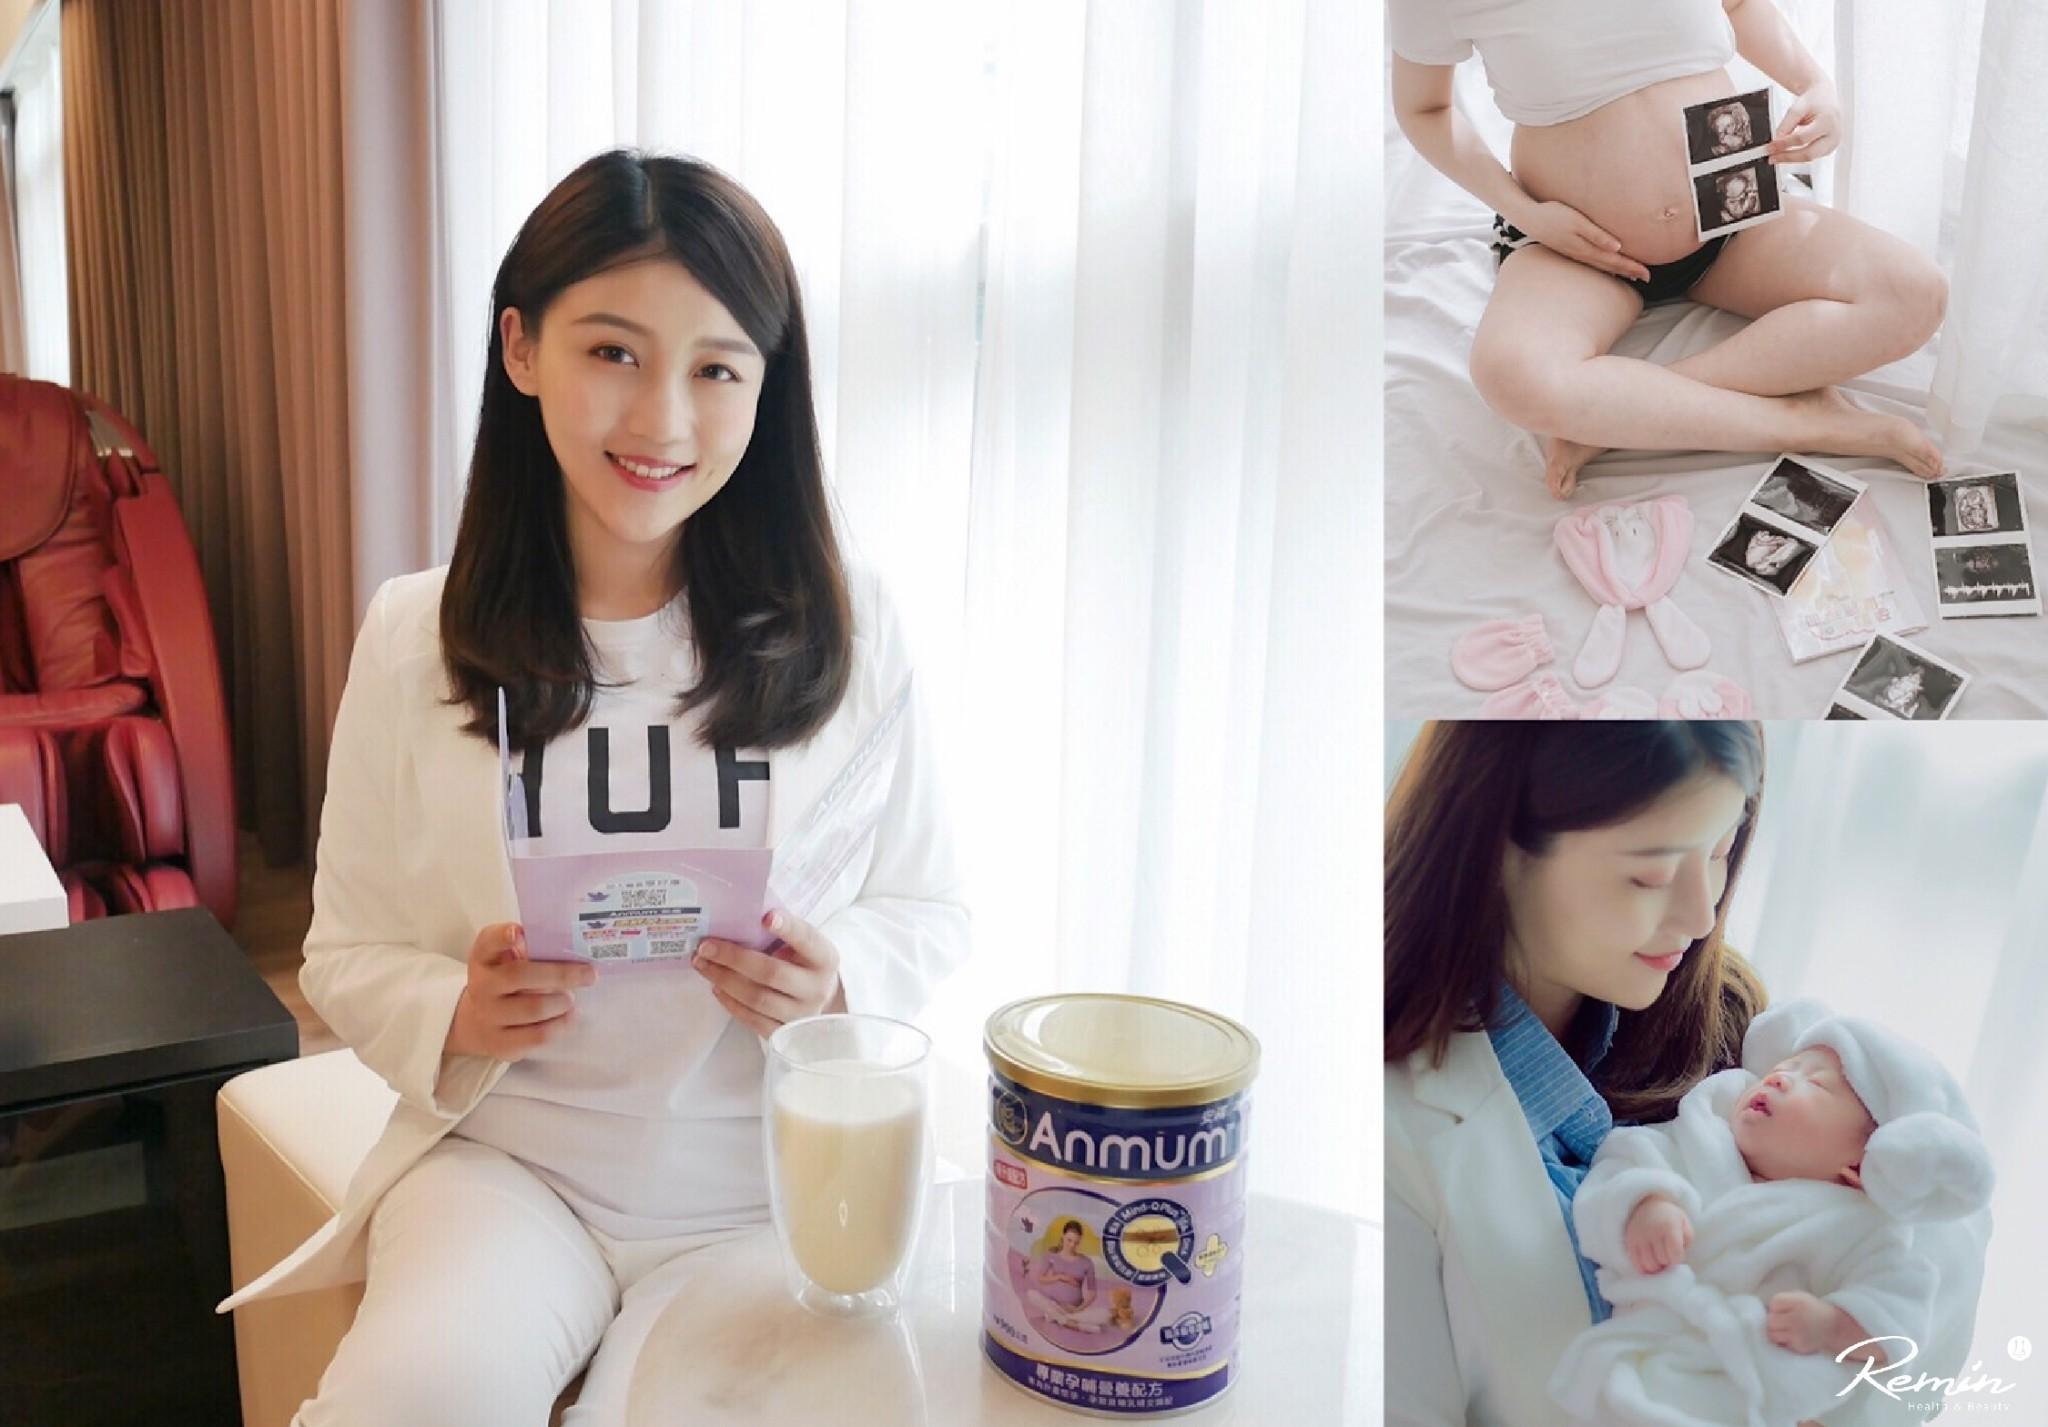 產前孕哺都適合的媽媽奶粉推薦 安滿專業孕哺營養配方